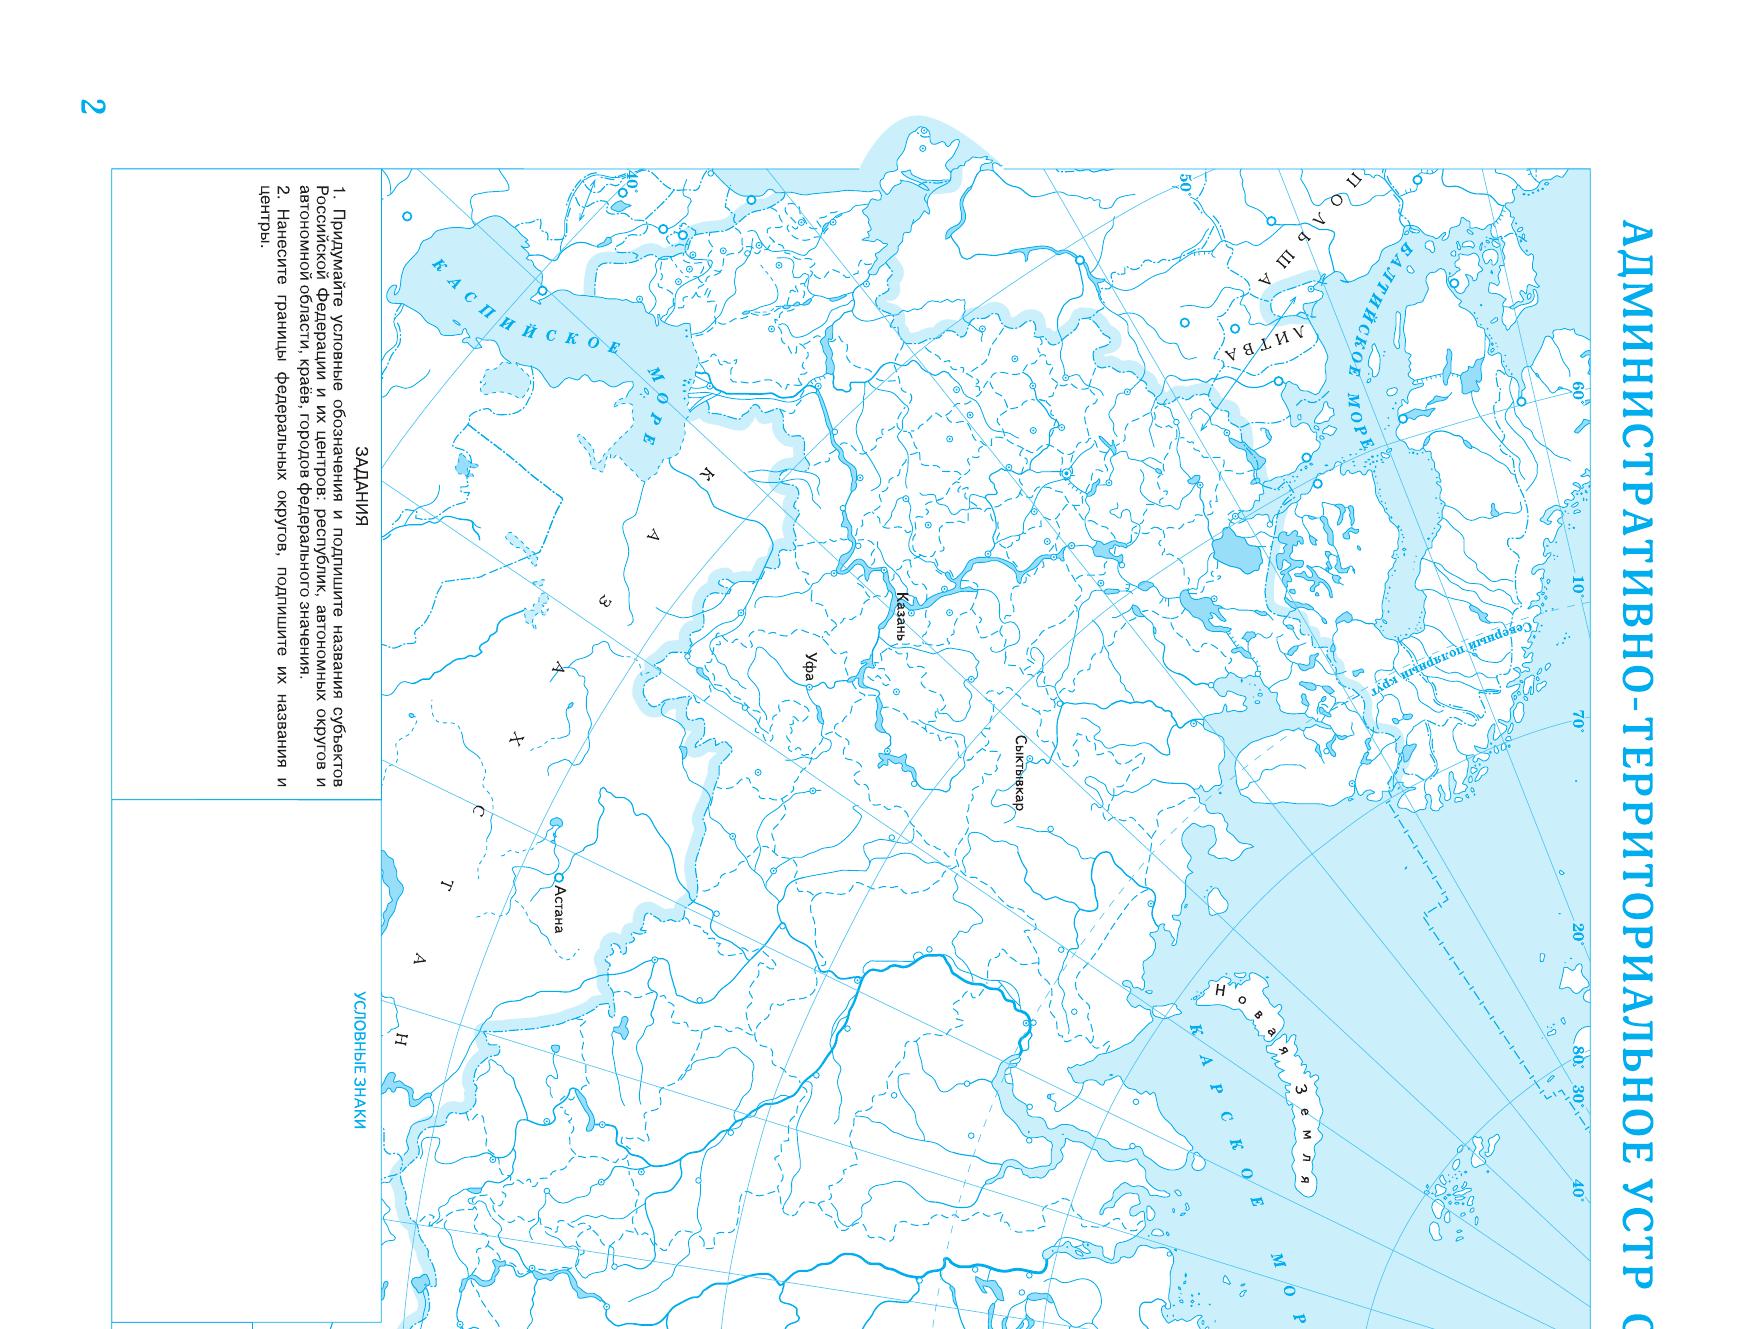 Гдз По Географии 8 Класс Контурные Карты Административно Территориальное